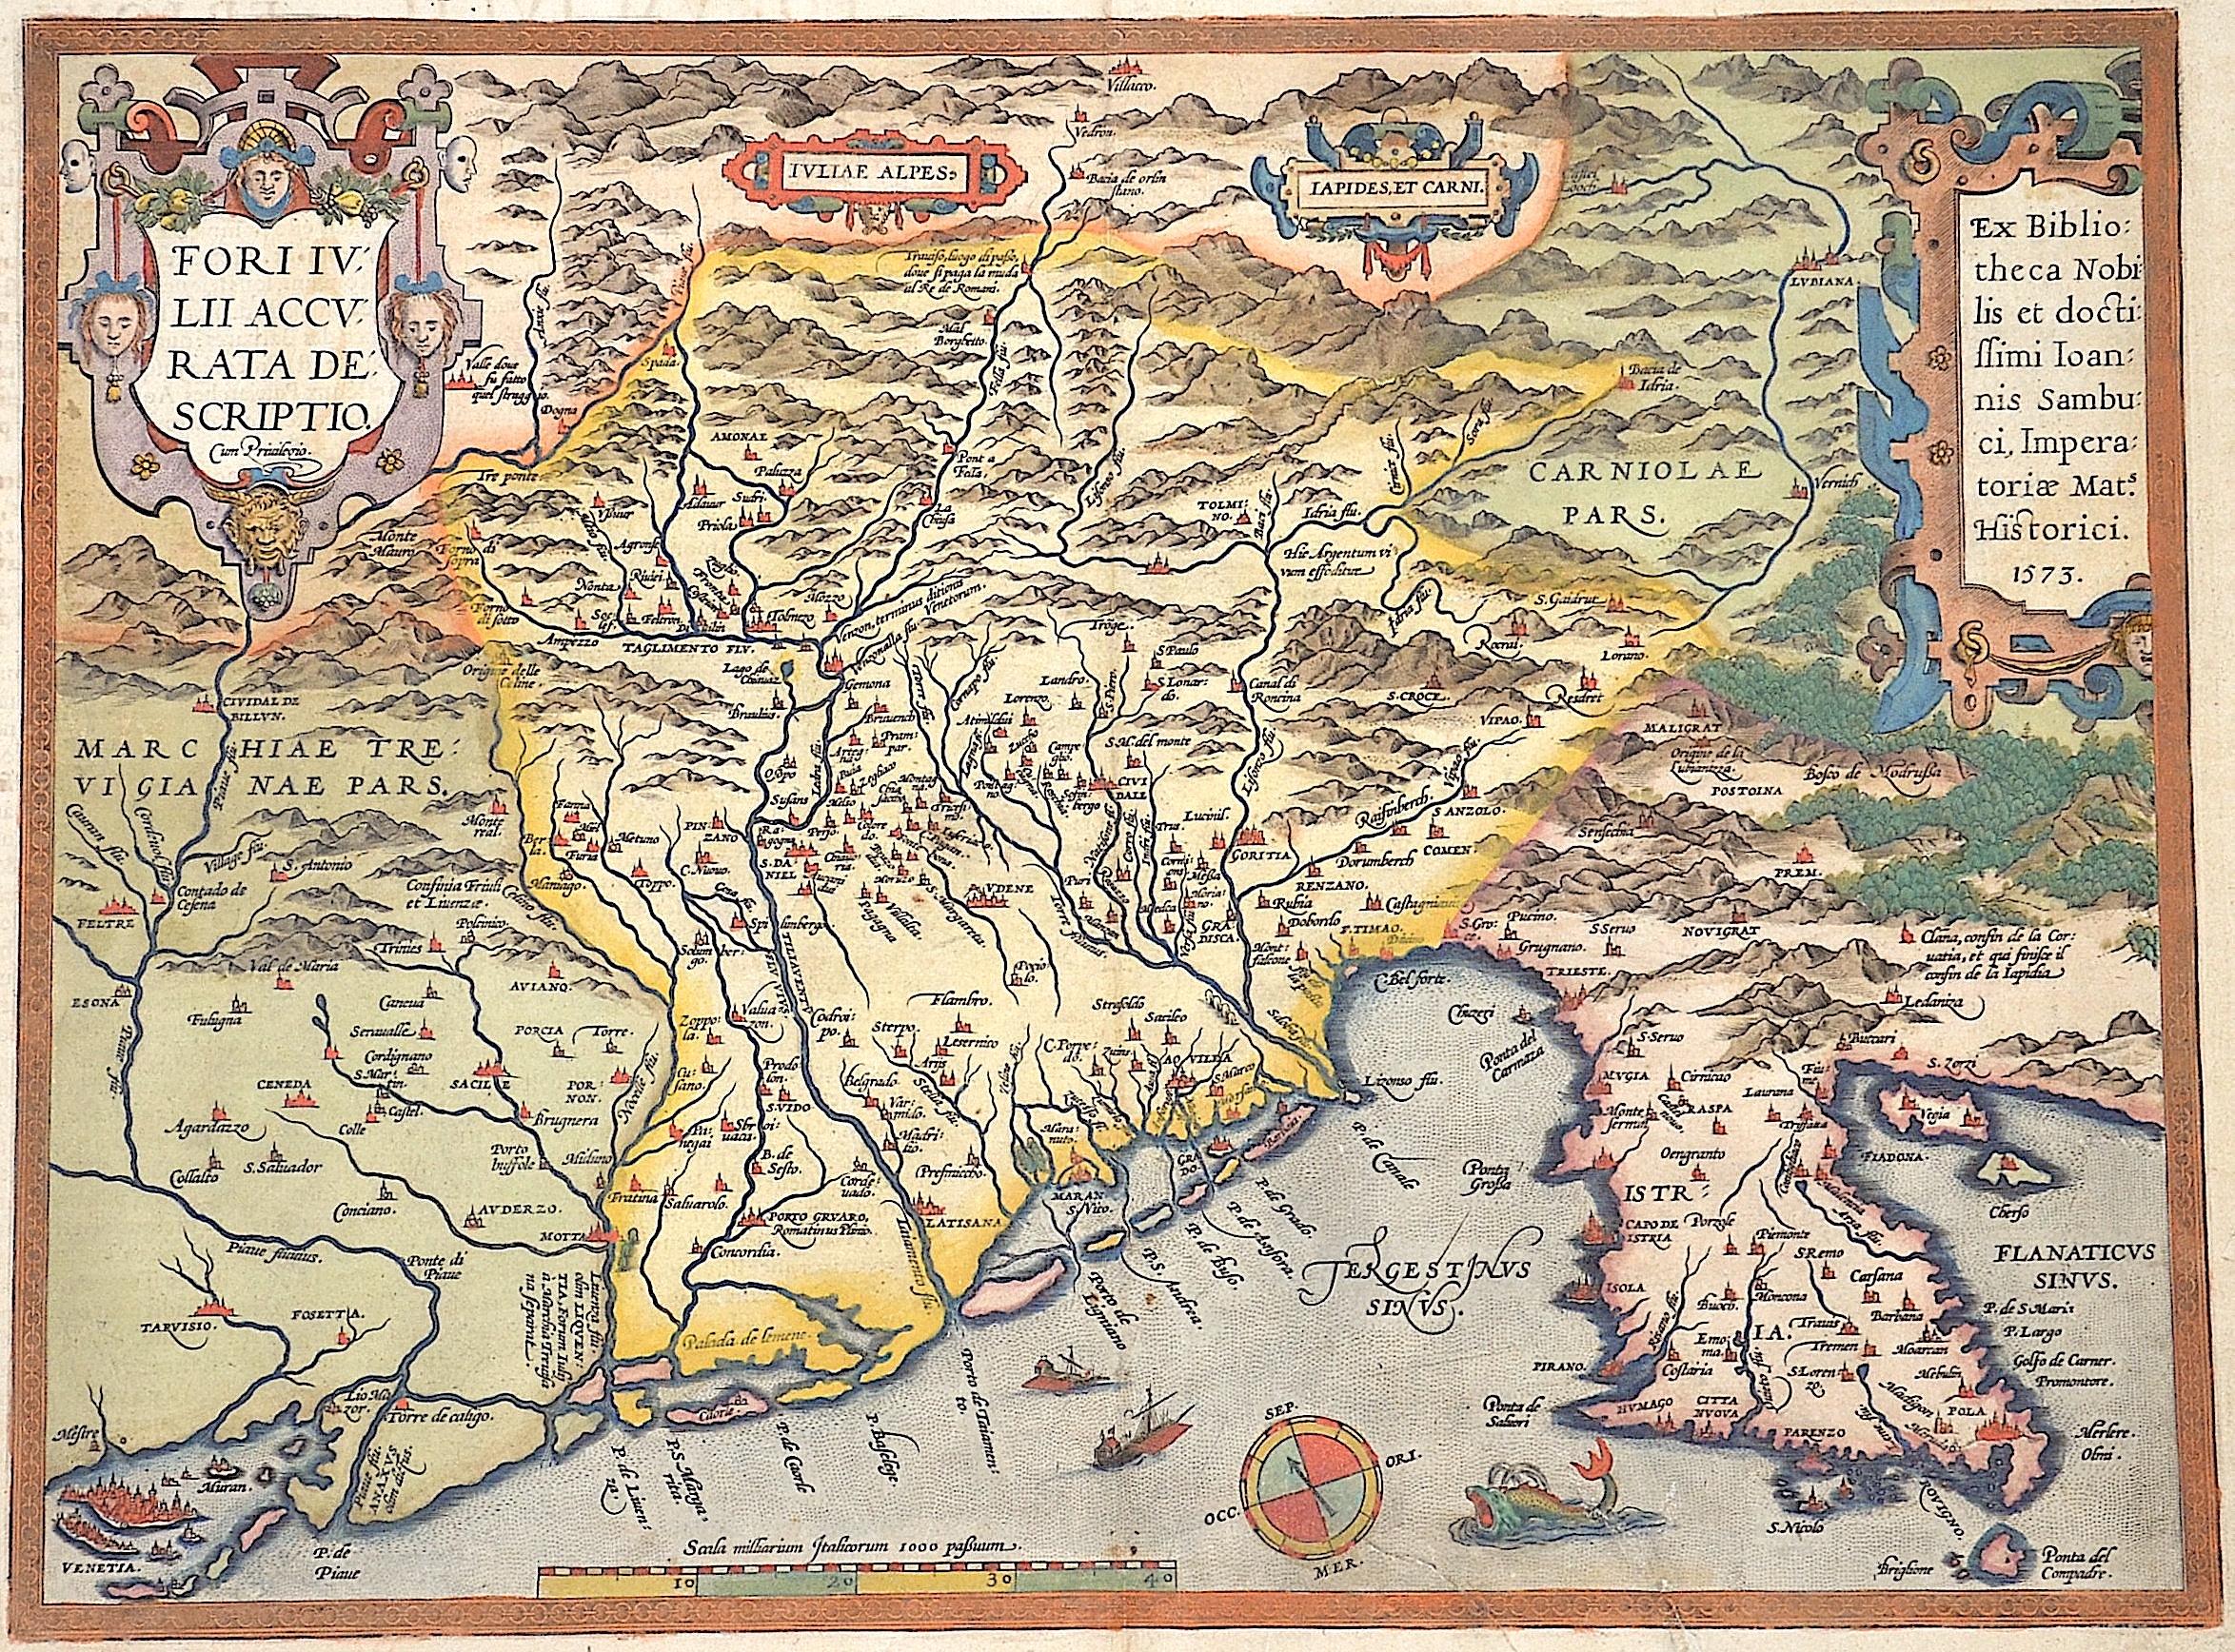 Ortelius  Fori Ivlii accurata description